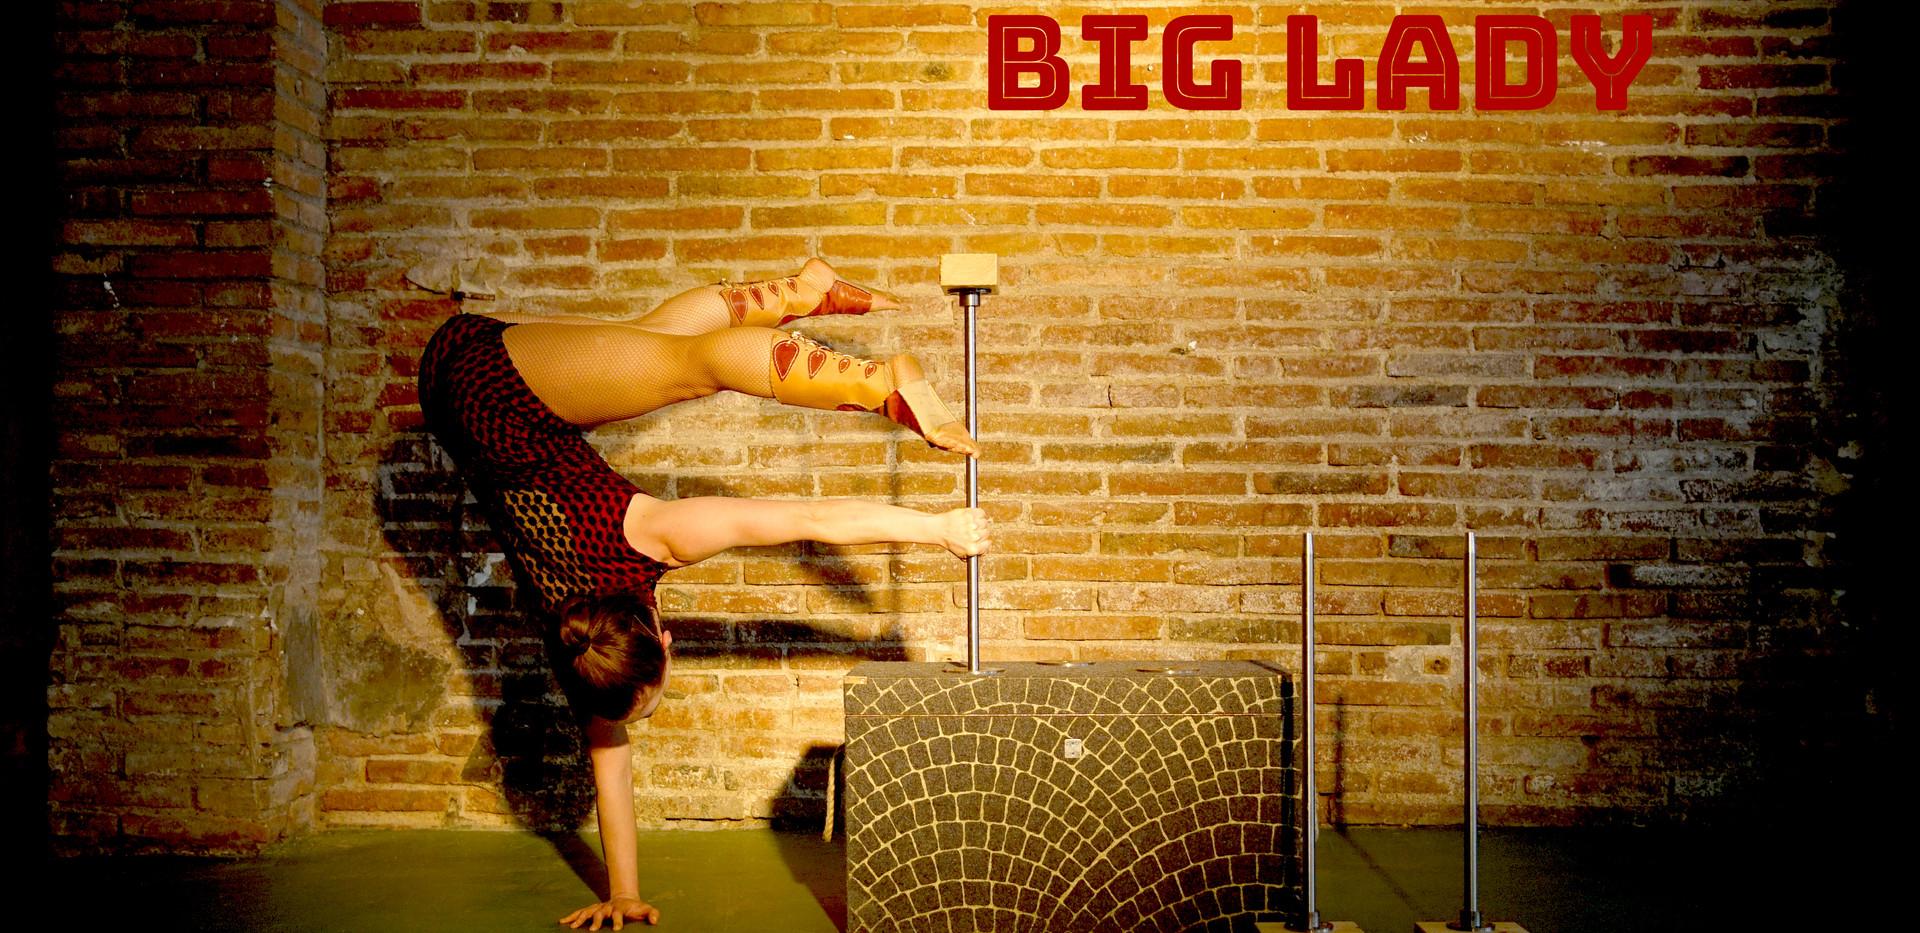 BIG LADY vertis.jpg